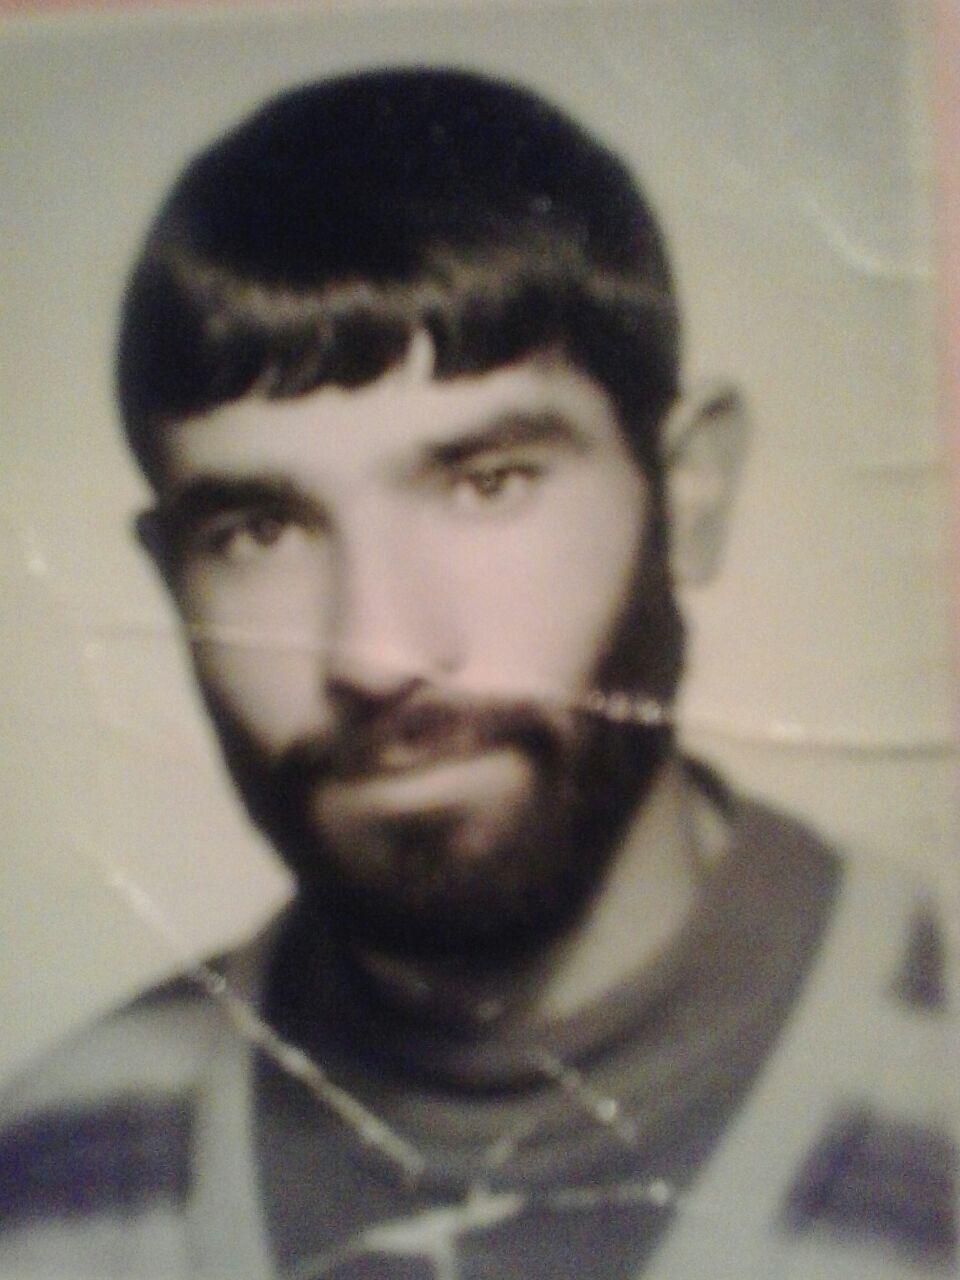 محمد مهدوی فرزند بیرامعلی